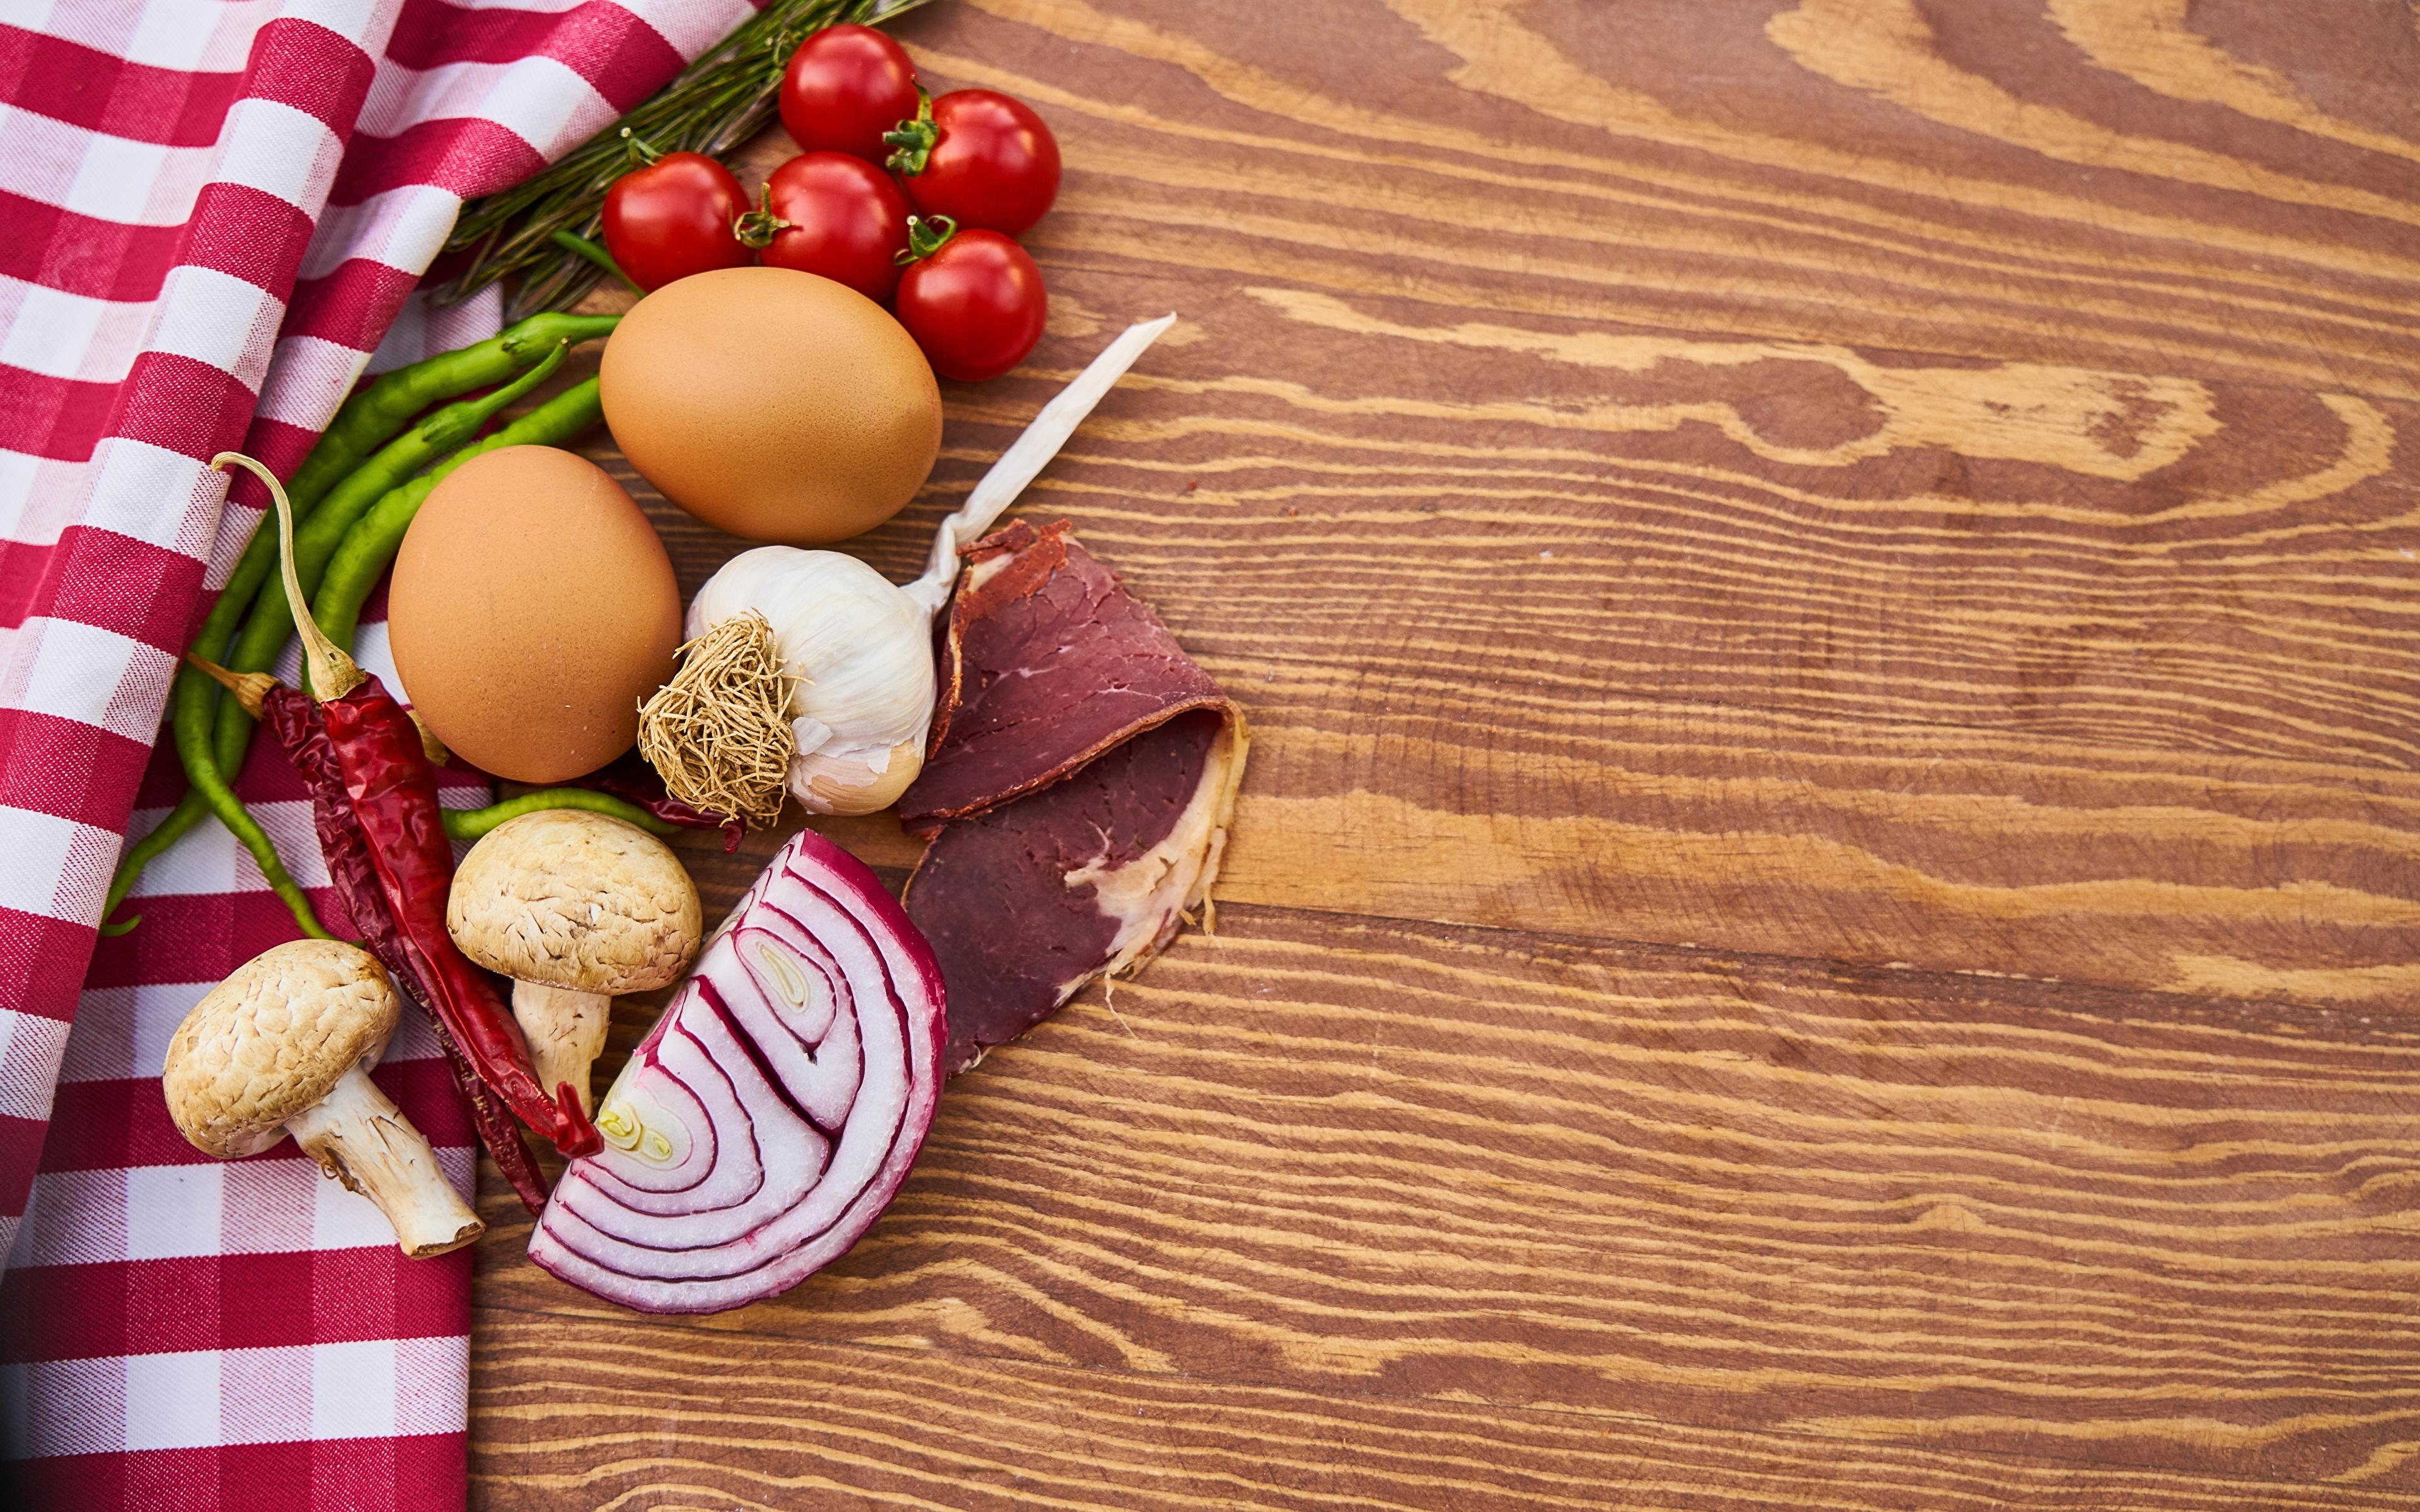 Картинки Спаржа яйцо Помидоры Лук репчатый Острый перец чили Грибы Чеснок Ветчина Еда 3840x2400 яиц Яйца яйцами Томаты Пища Продукты питания